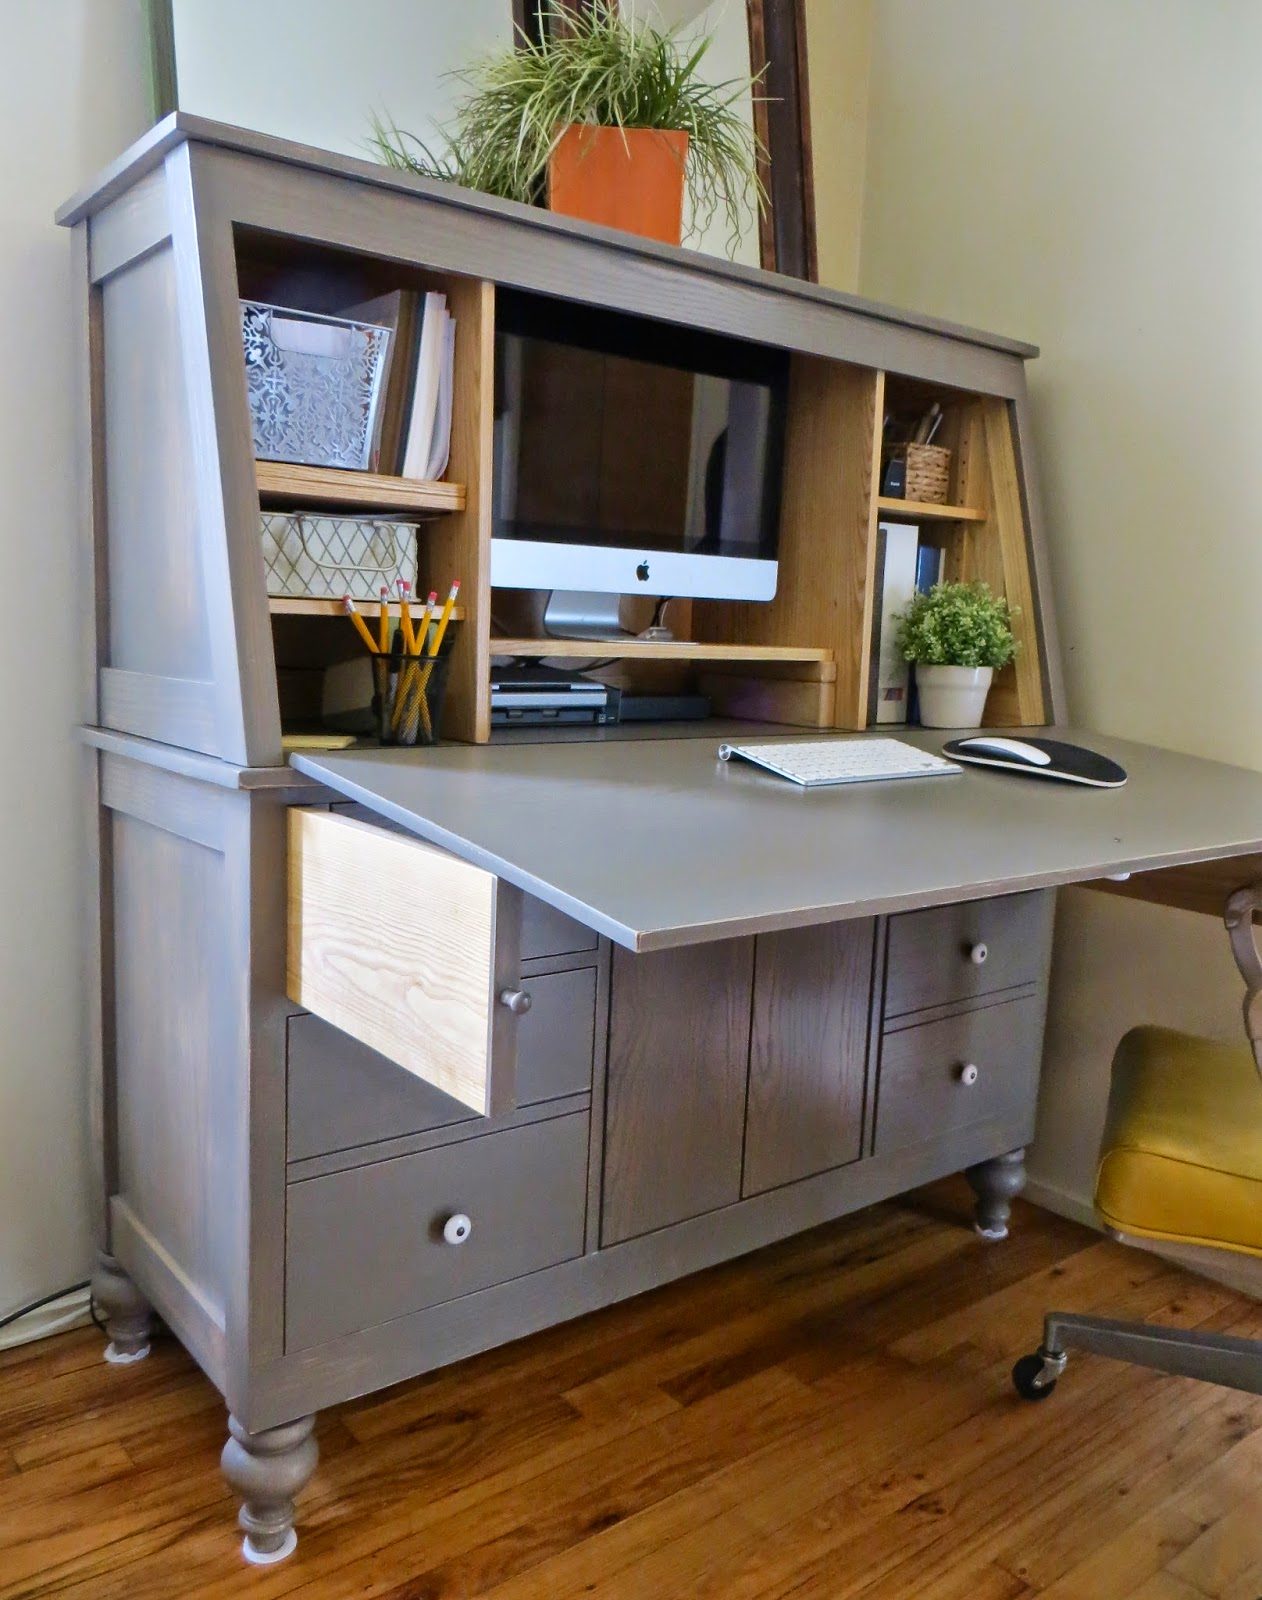 The Project Lady Woodshop Hutch Desk Part 4  Finale